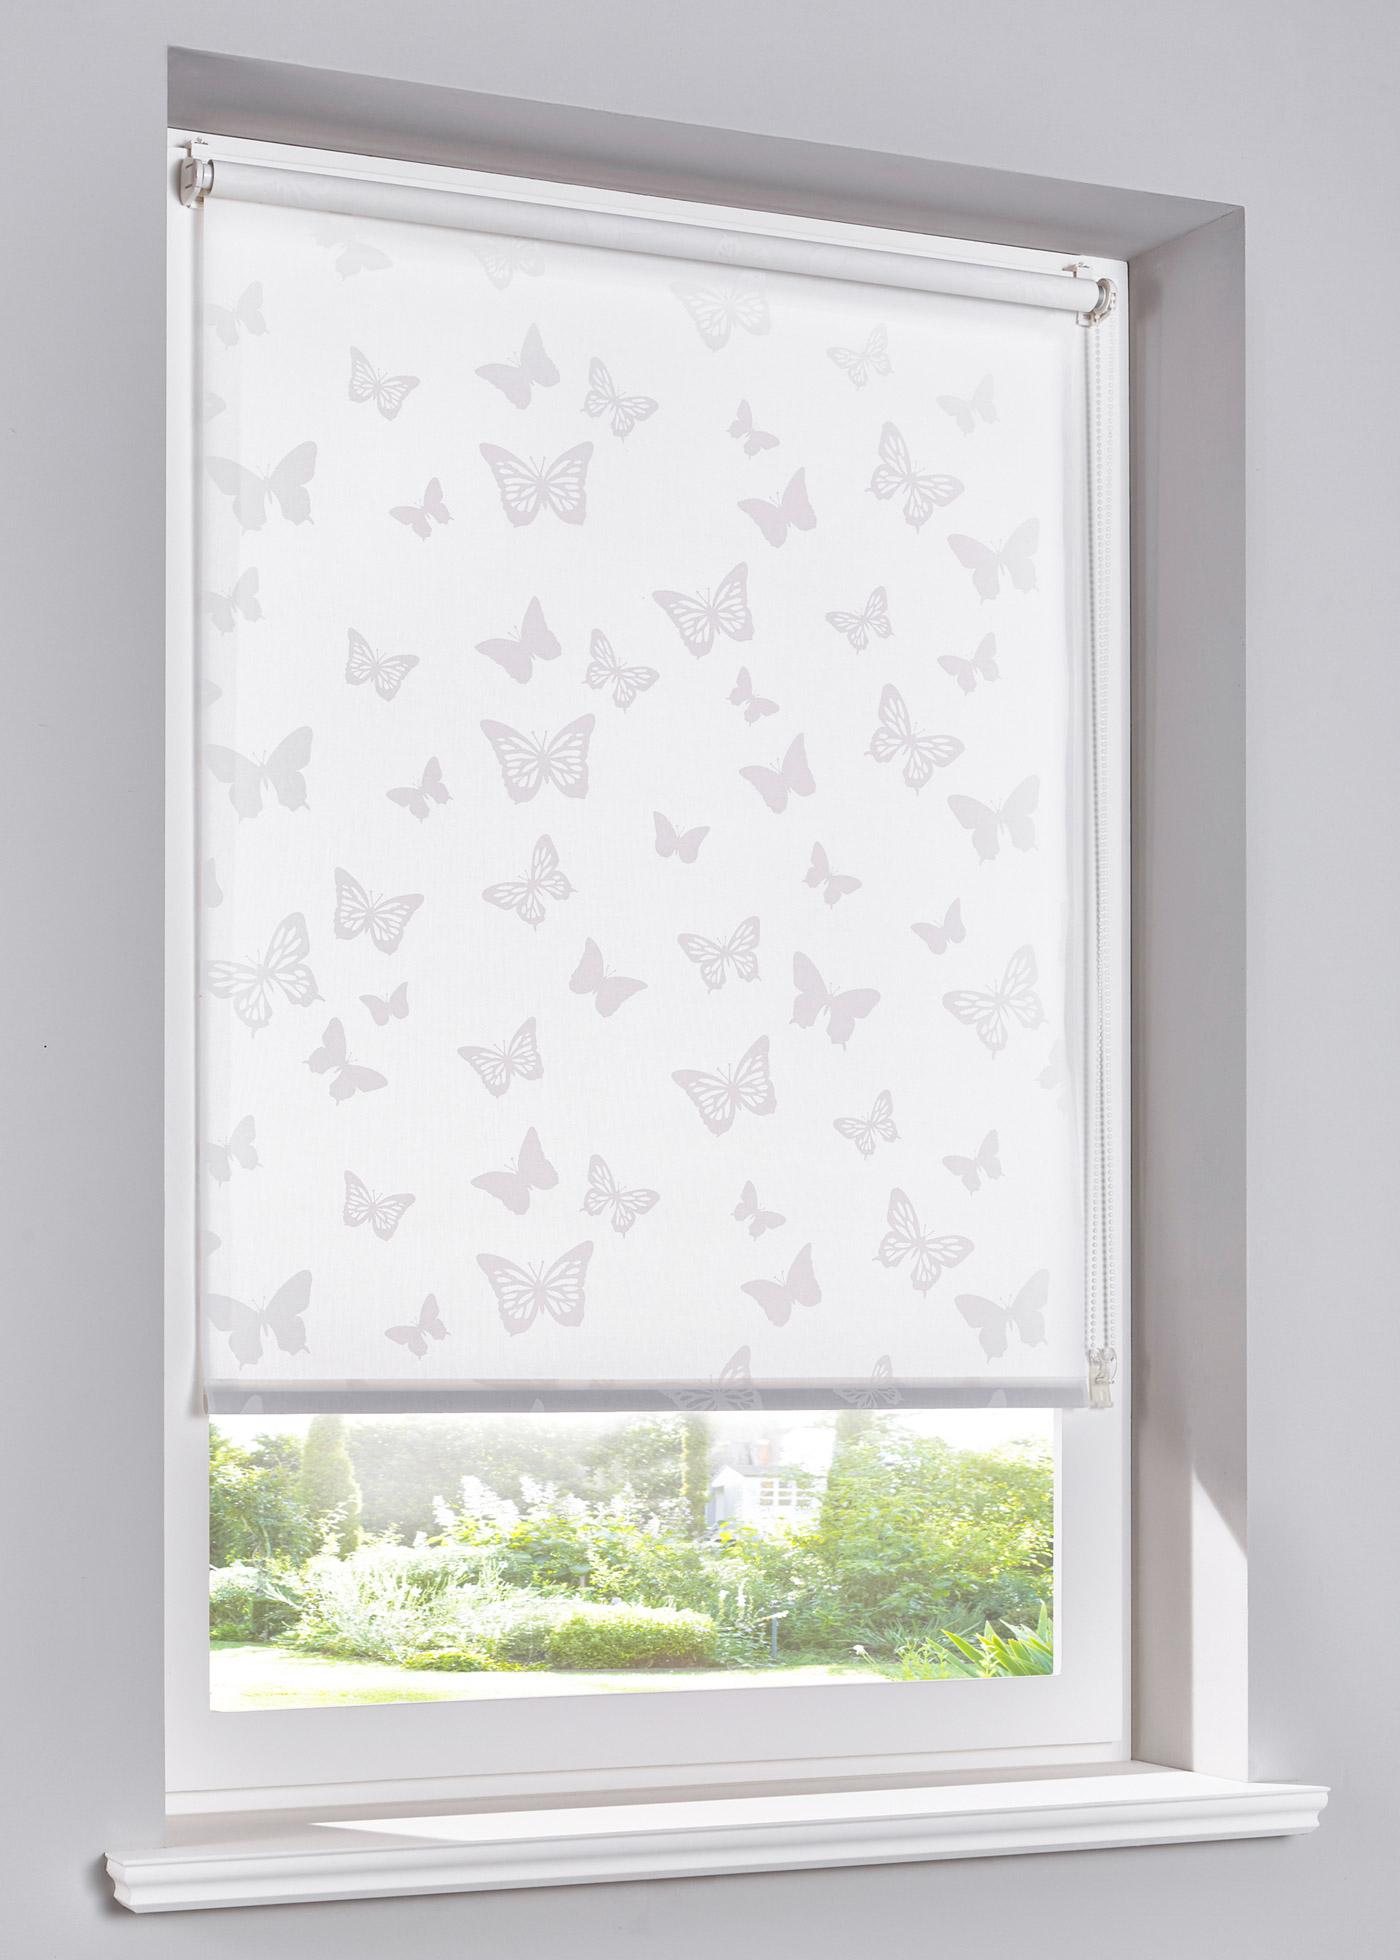 Sichtschutzrollo mit Schmetterlingen in weiß von bonprix